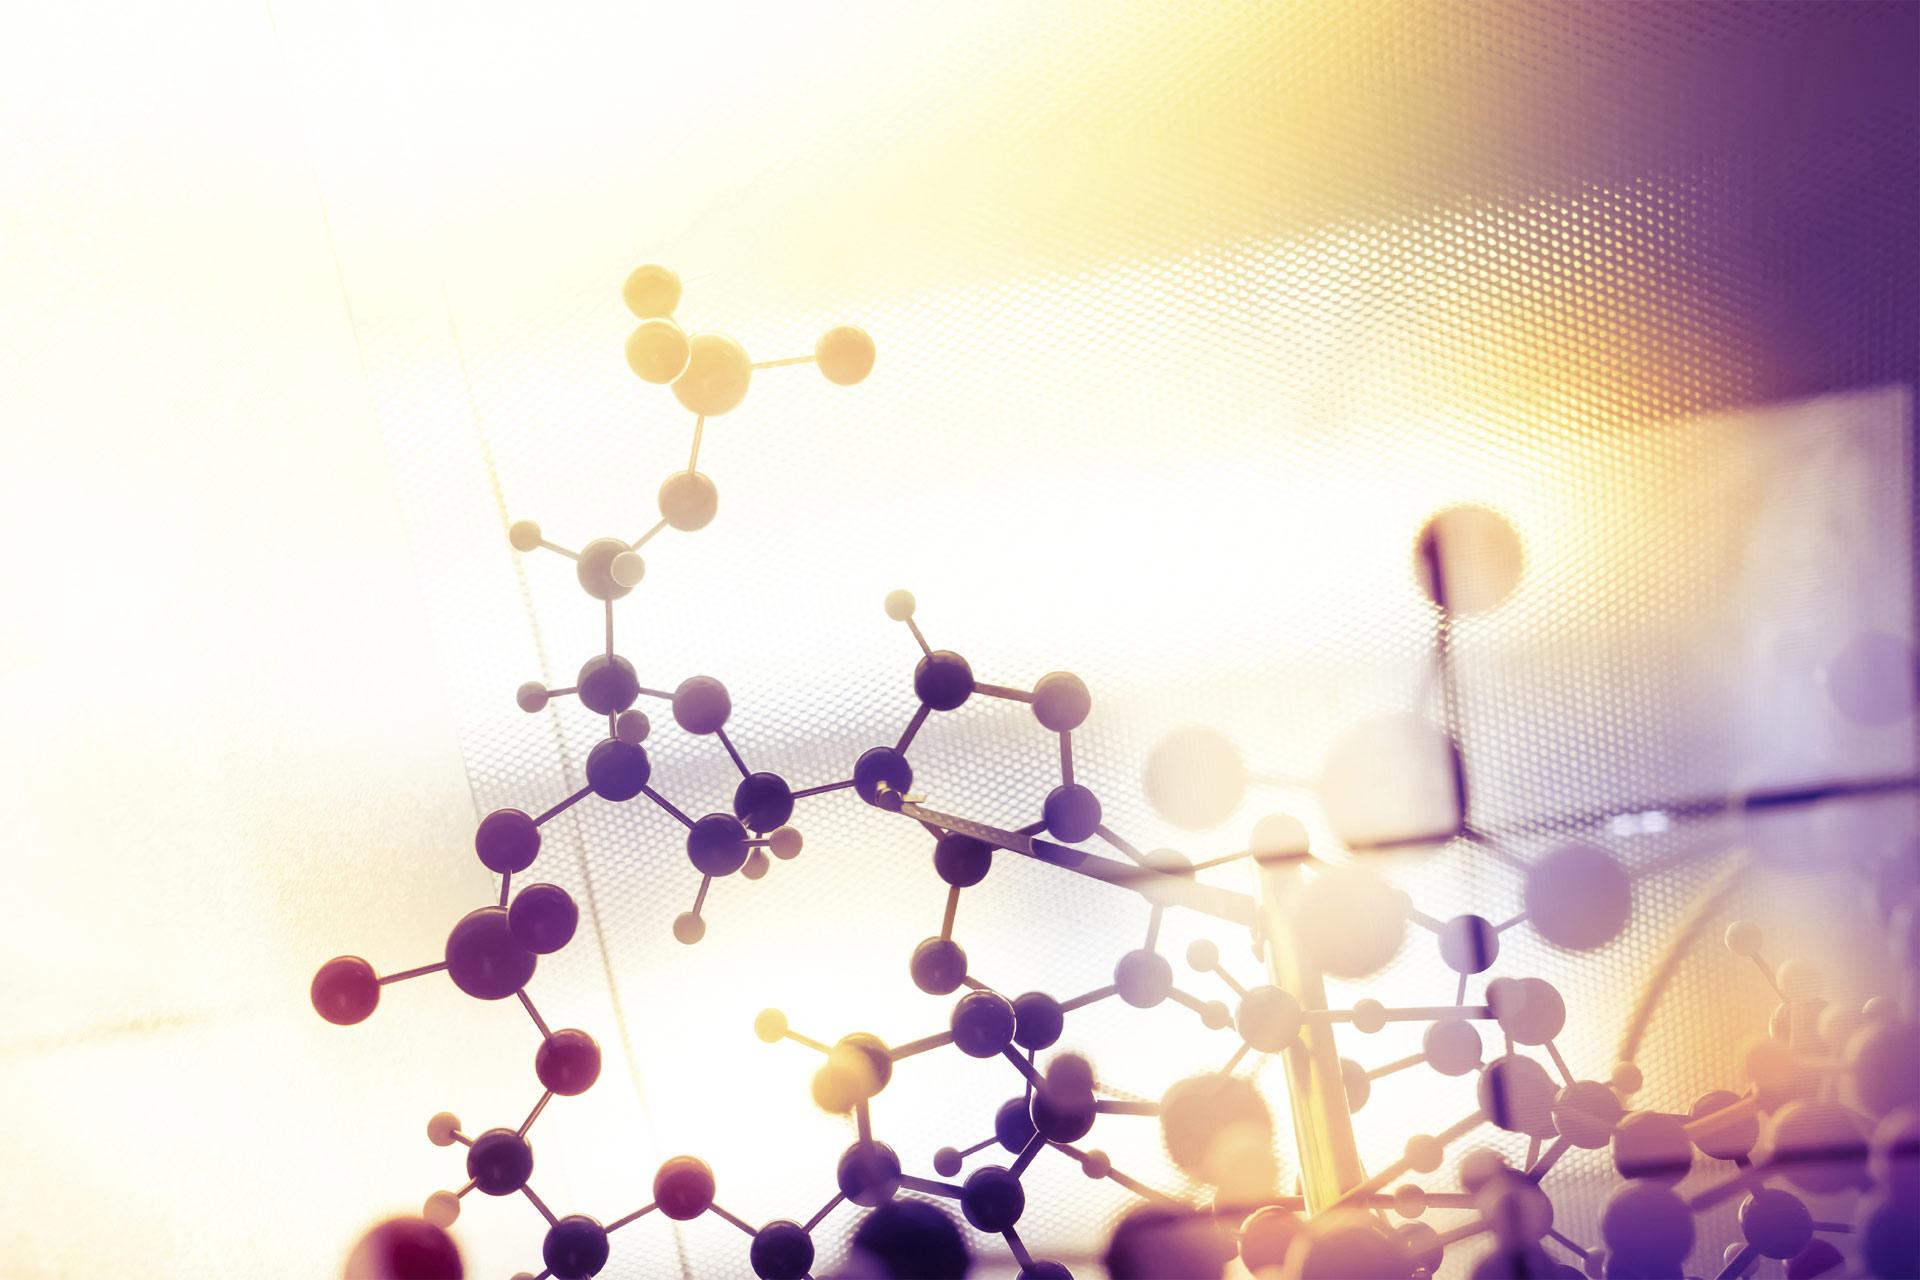 El estudio de las propiedades del pentaquark permitirá a los científicos entender mejor cómo está constituida la materia ordinaria, los protones y neutrones